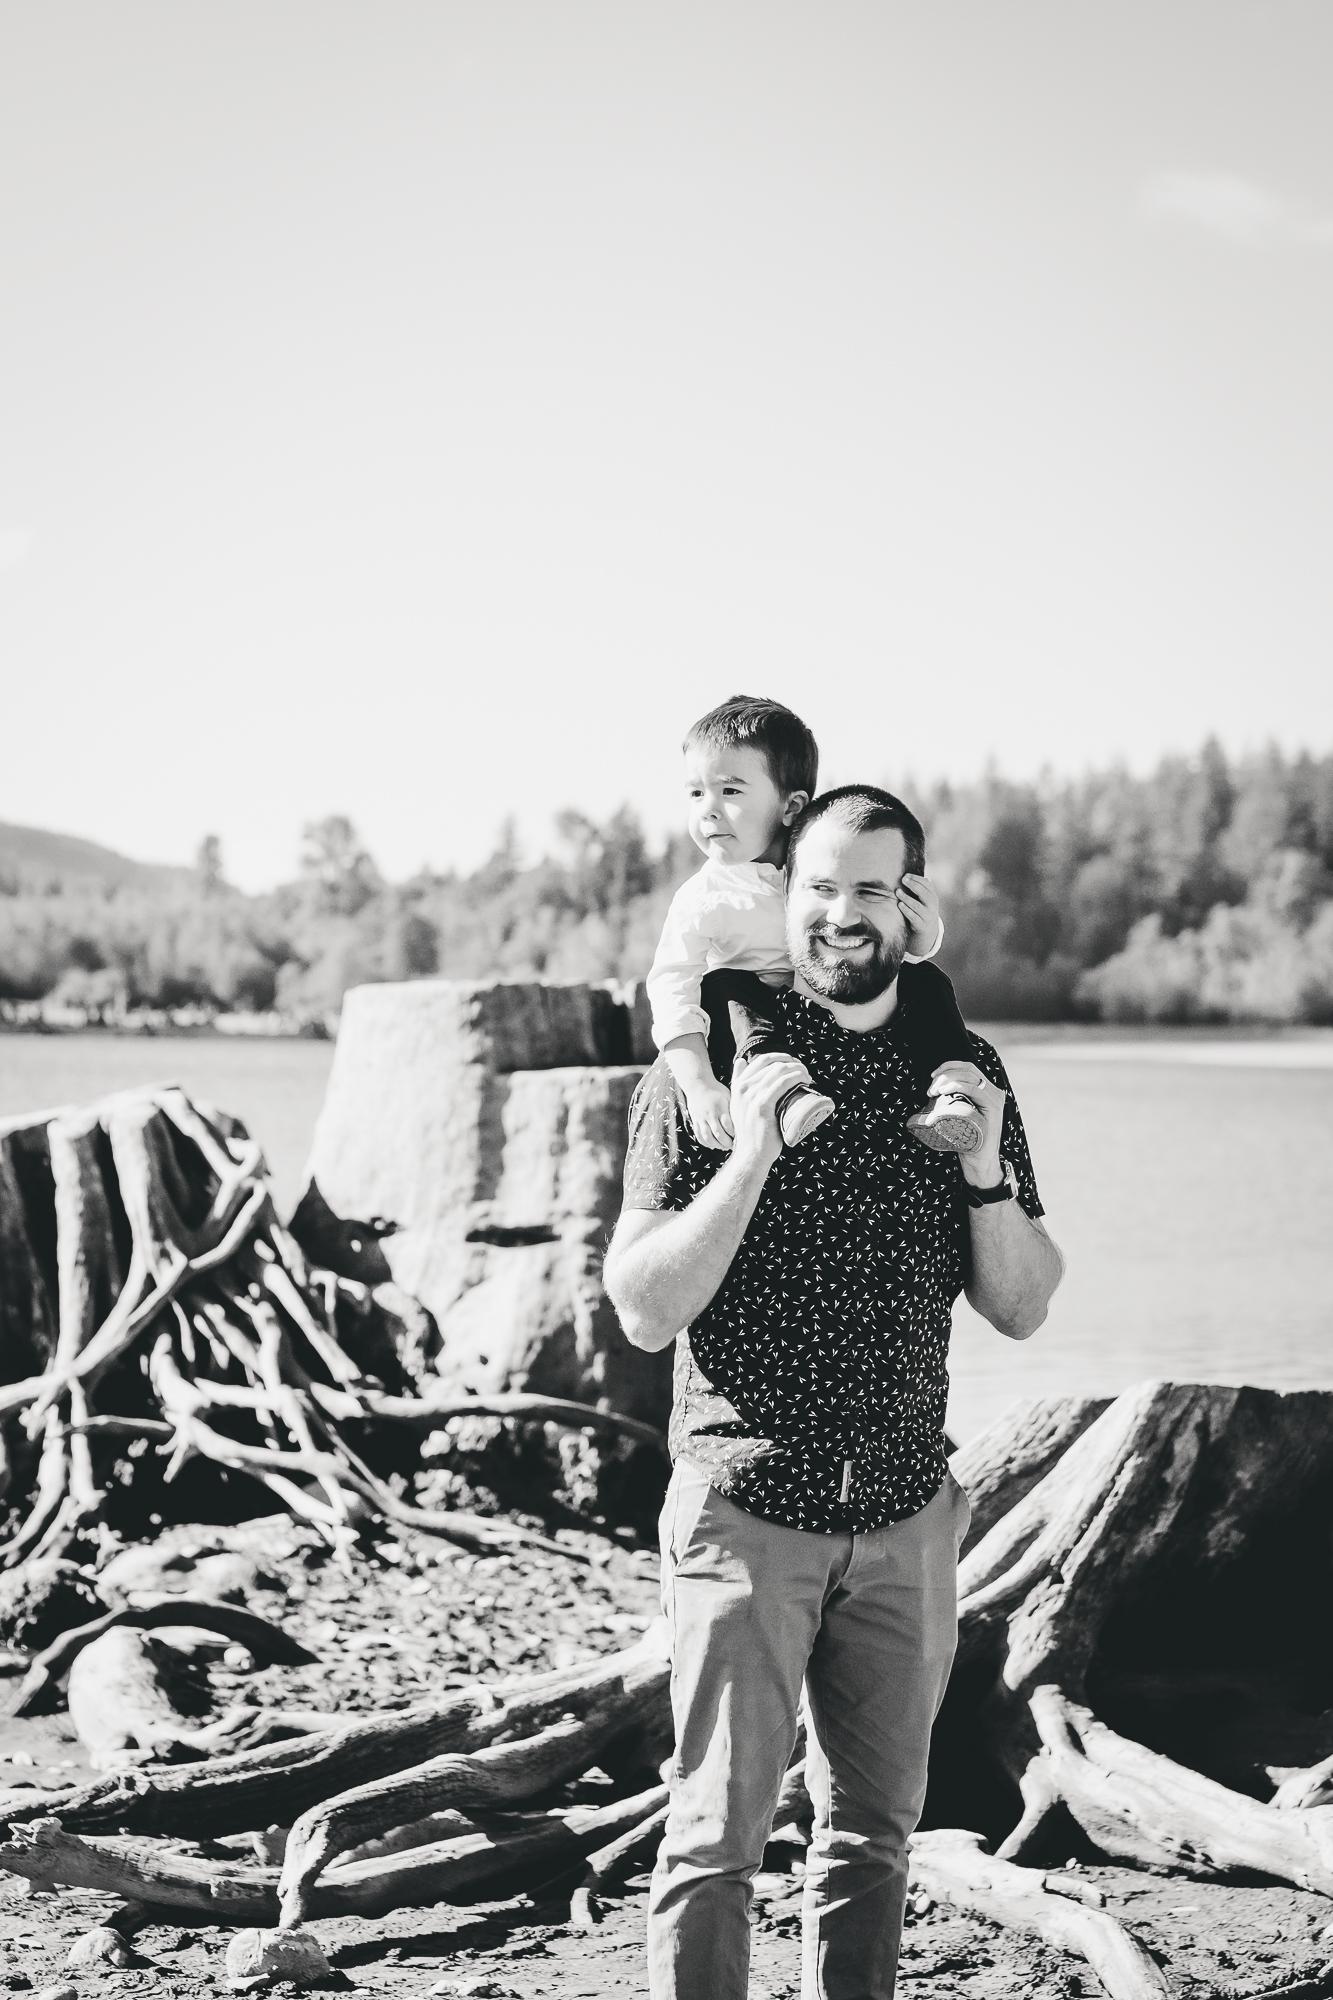 cole family photos 2018-31.jpg